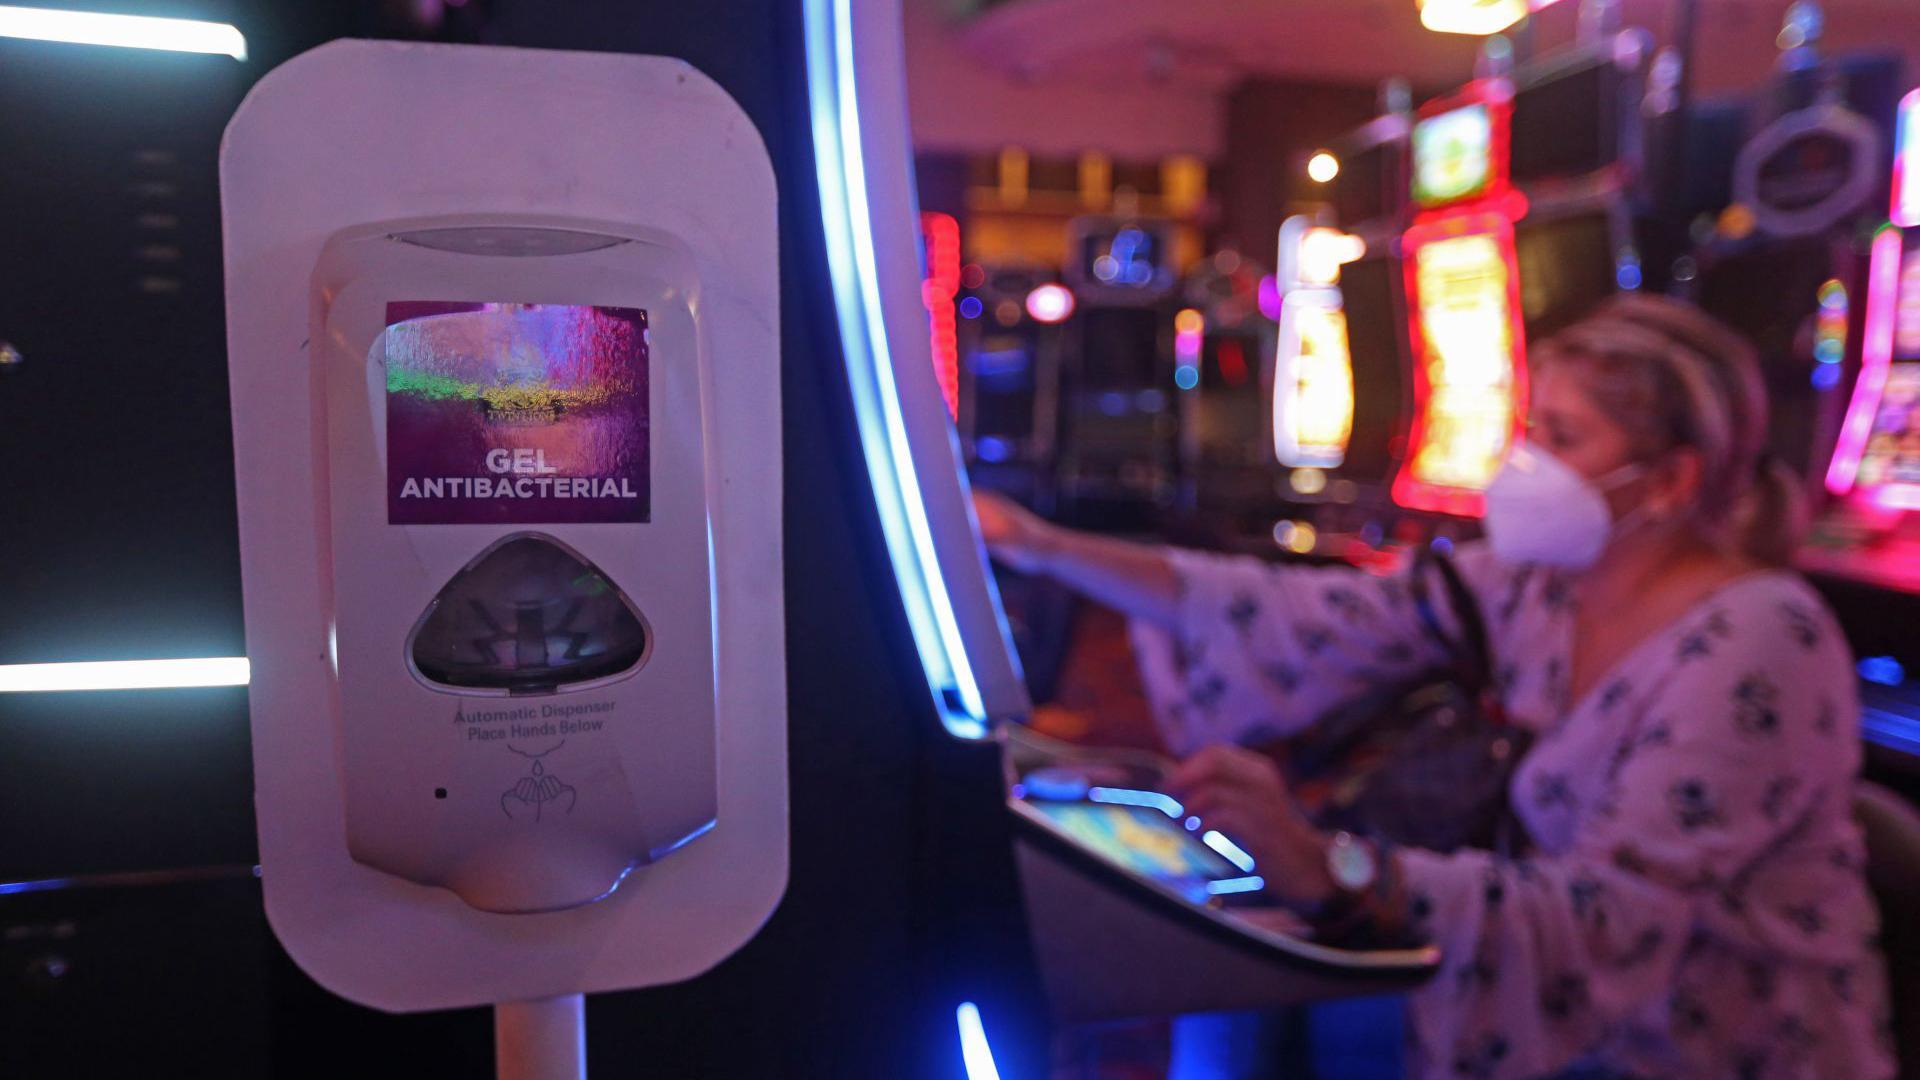 Diversos quioscos sanitarios se muestran a lo largo de las instalaciones de un conocido casino de la ciudad, esto ya que el día de hoy después de cinco meses de permanecer cerrados a causa de la pandemia sanitaria del COVID-19 fueron reaperturados estos negocios (Foto: Cuartoscuro)